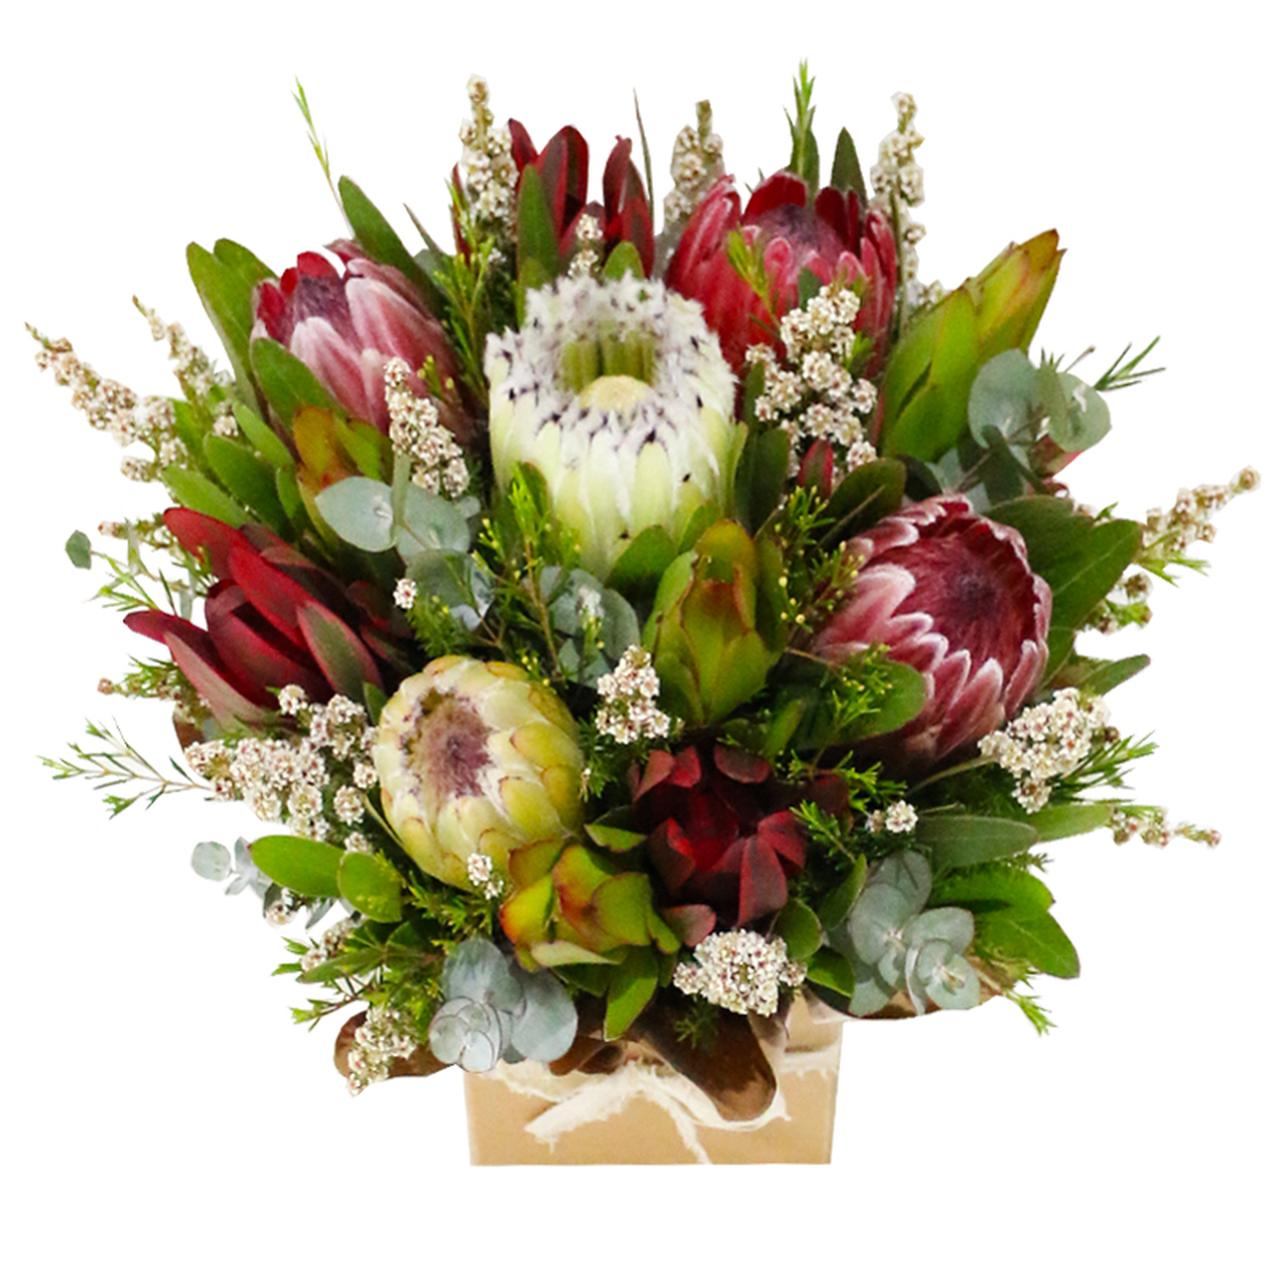 wilderness-australian-native-flower-box-botanique-flowers-24017.1615330901.jpg